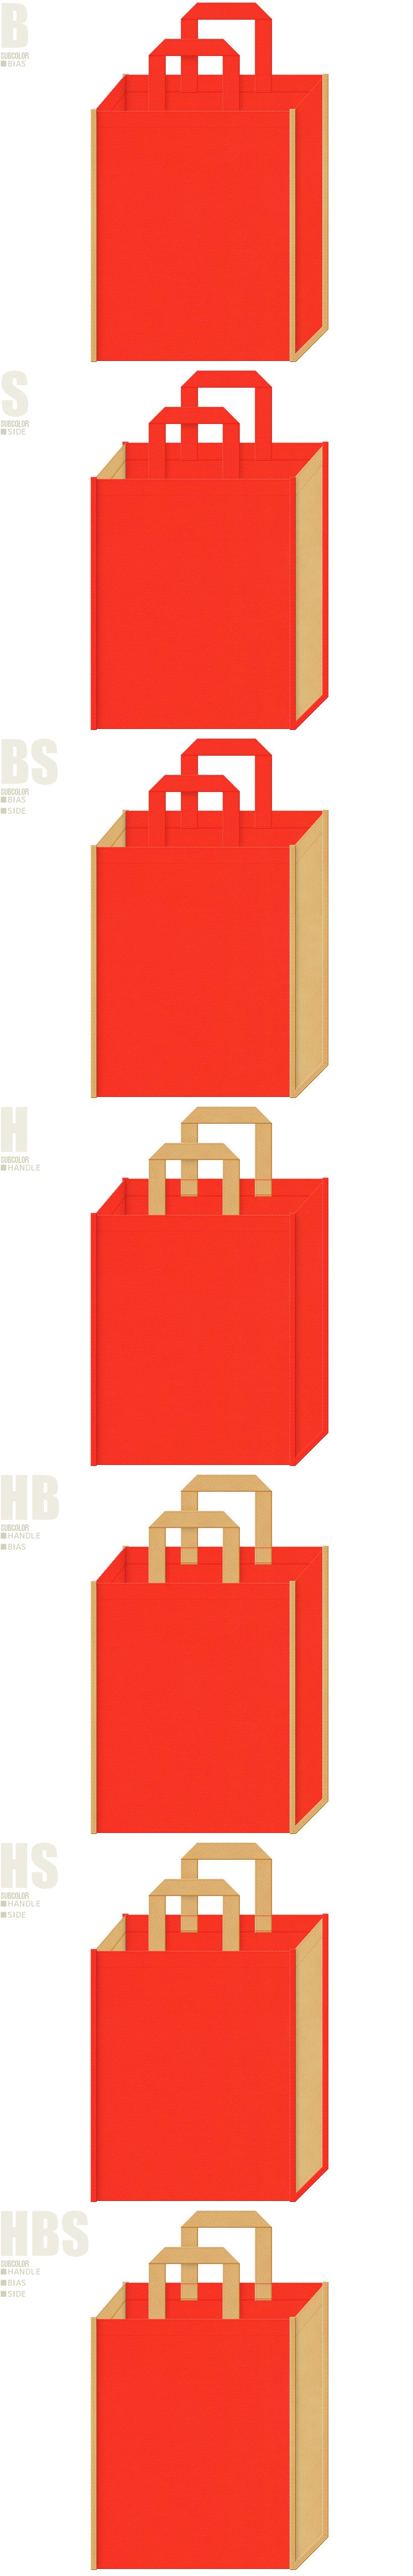 オレンジ色と薄黄土色-7パターンの不織布トートバッグ配色デザイン例